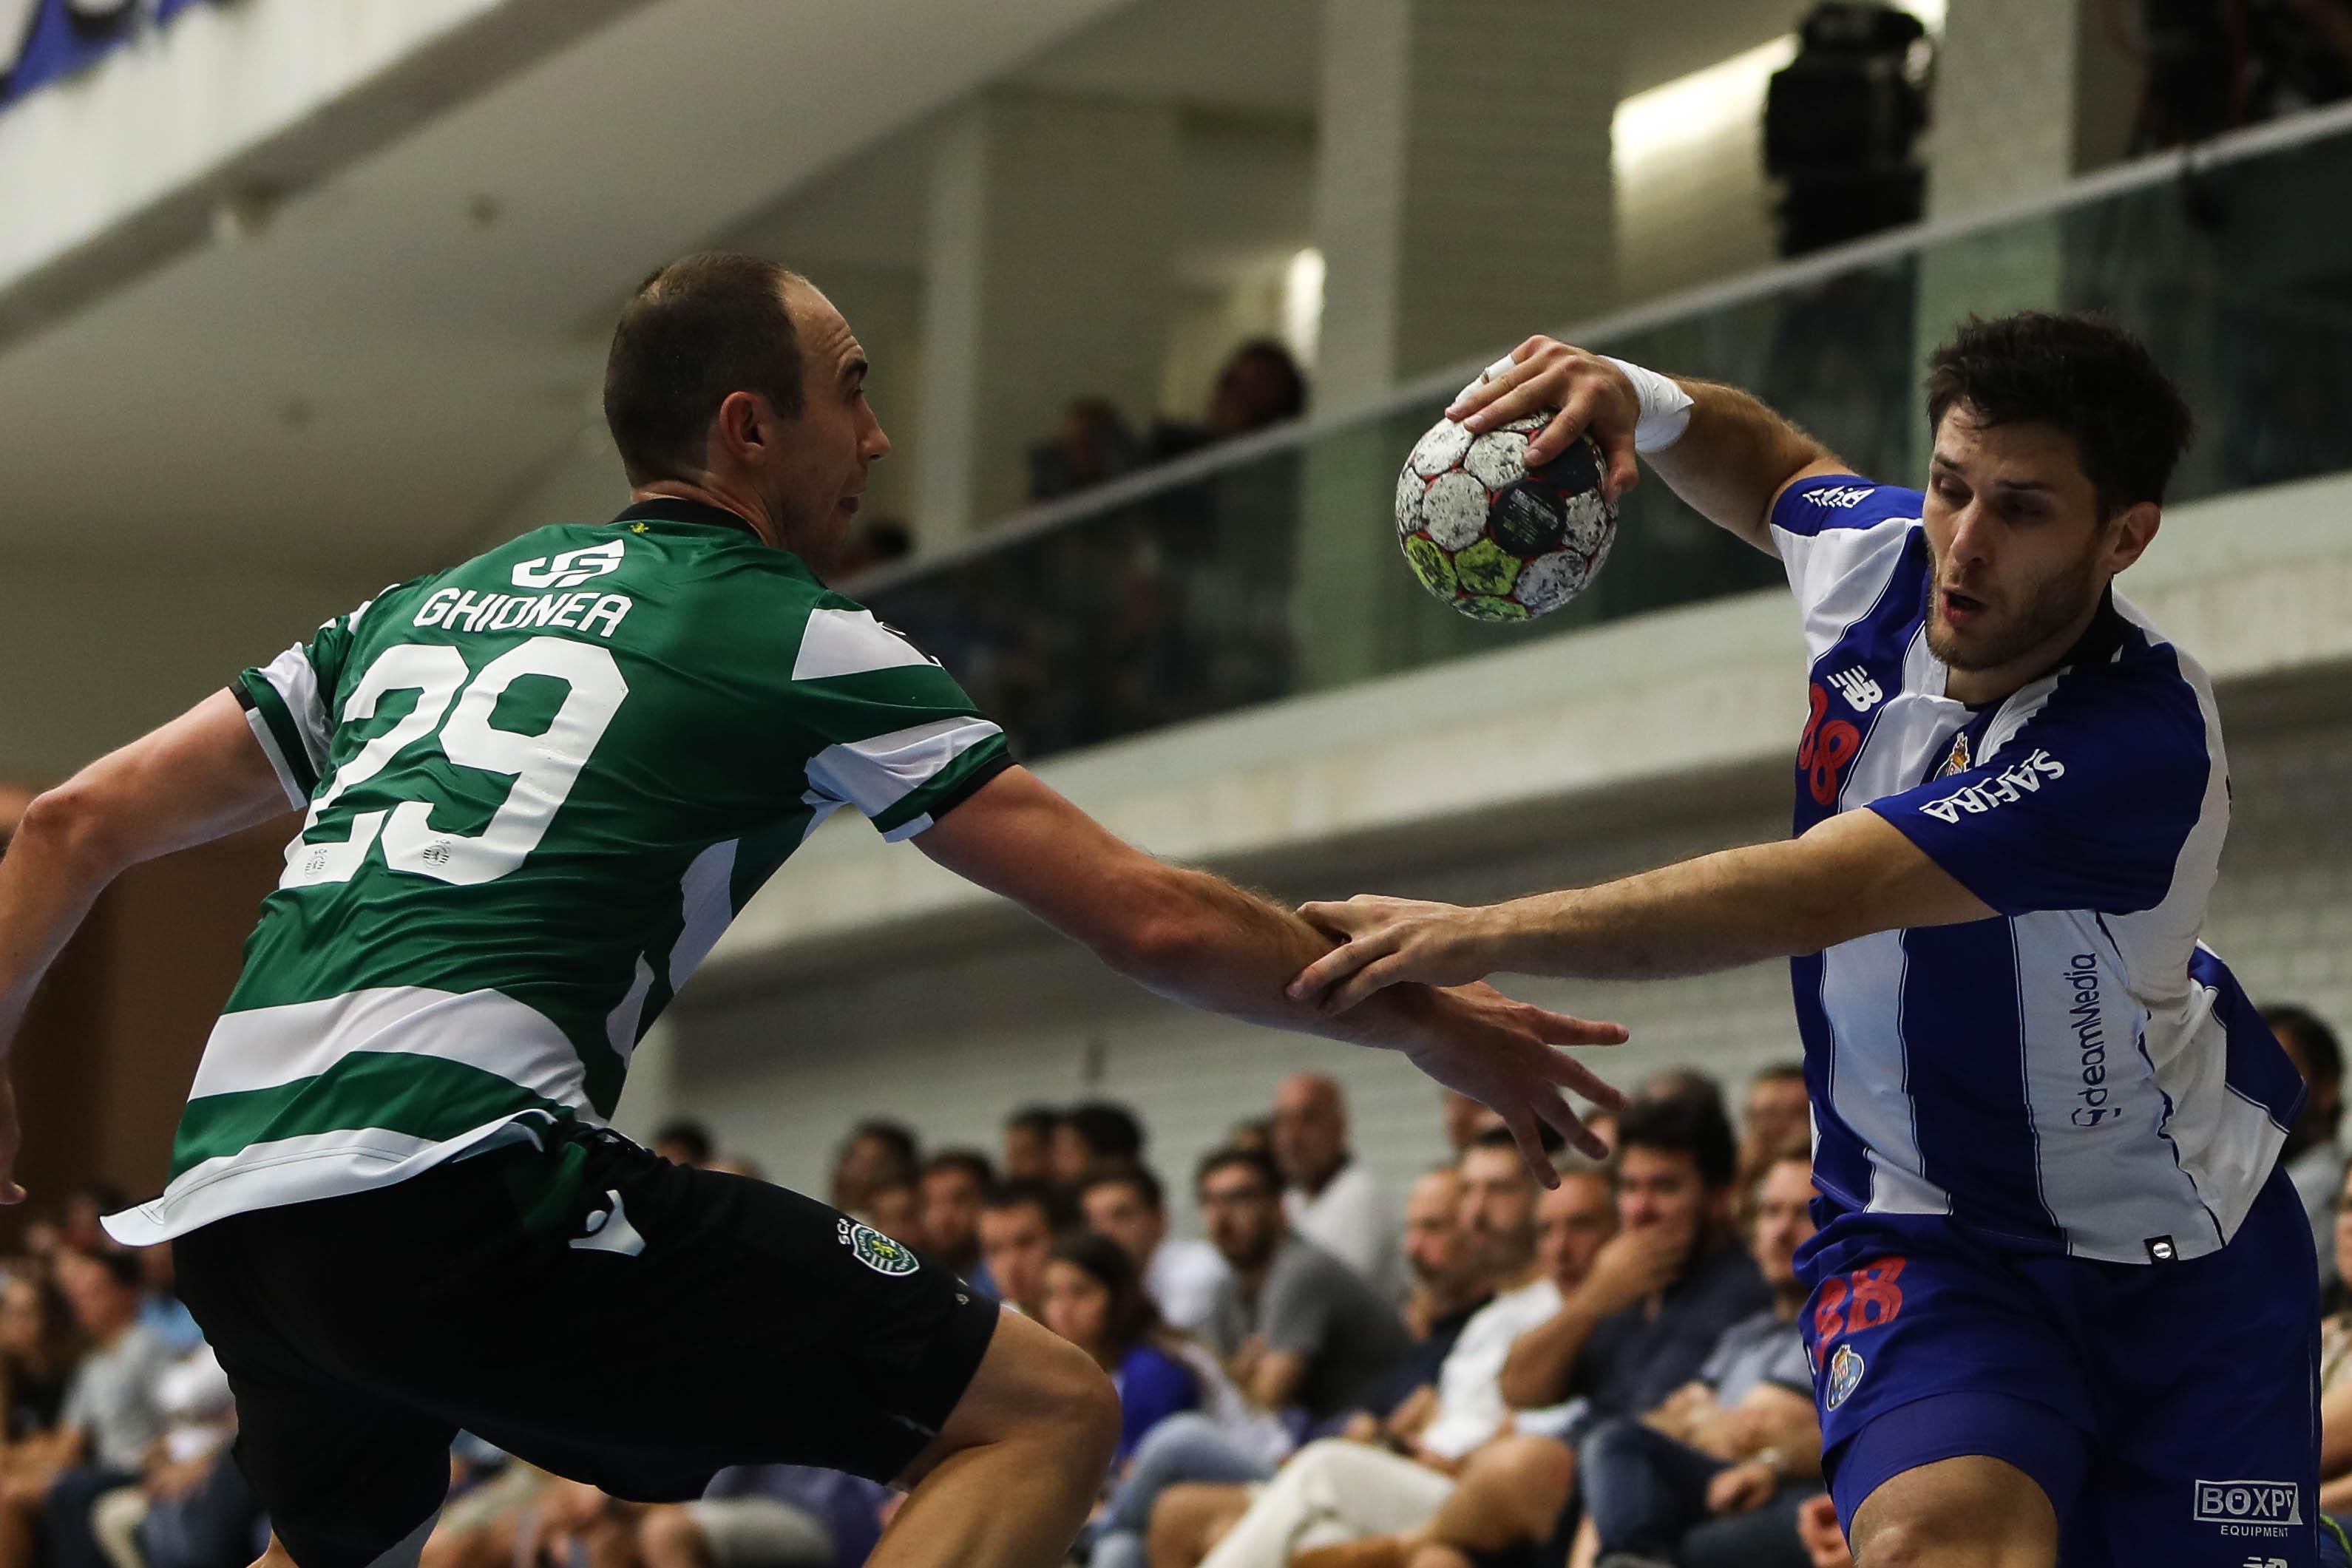 Dirigente de andebol do Sporting revelou que foi ameaçado no Dragão Caixa